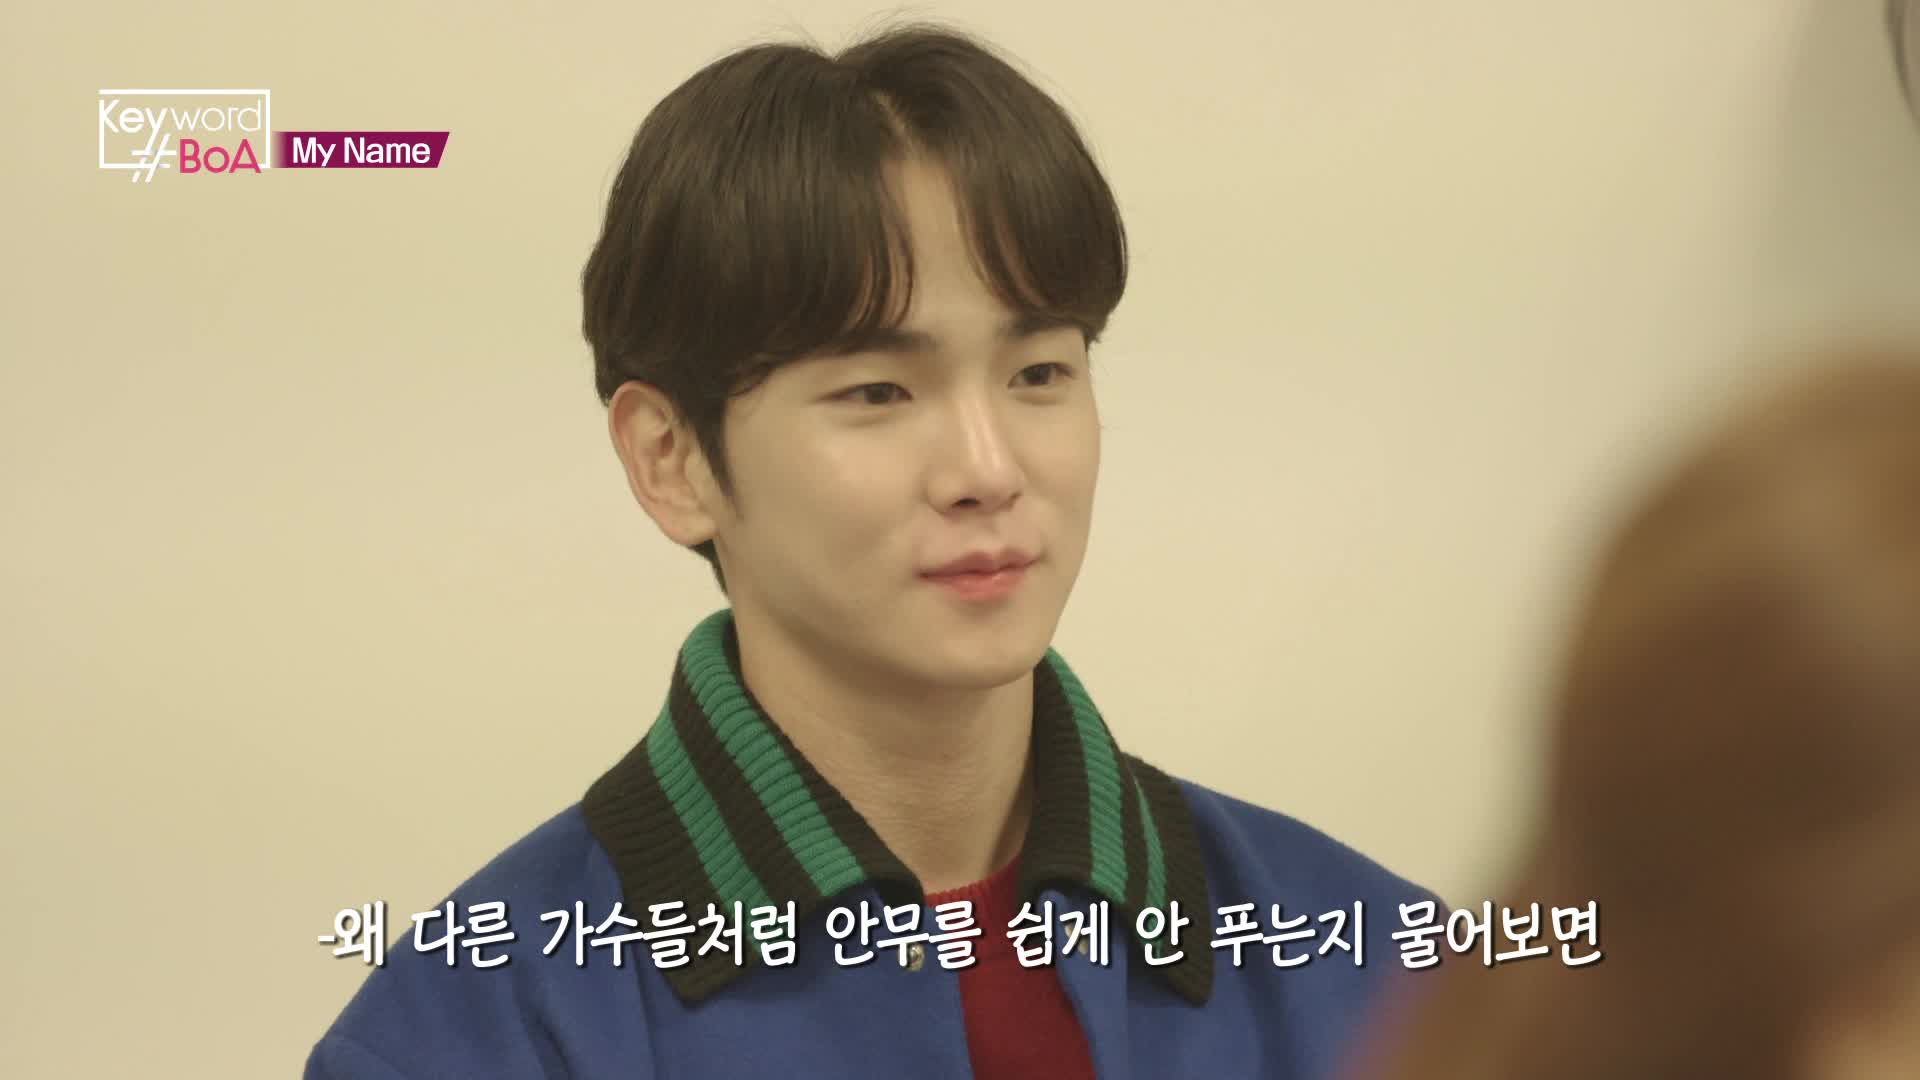 [키워드#보아] Ep.03 오늘도 열일하는 보아(feat.멋짐) (1)